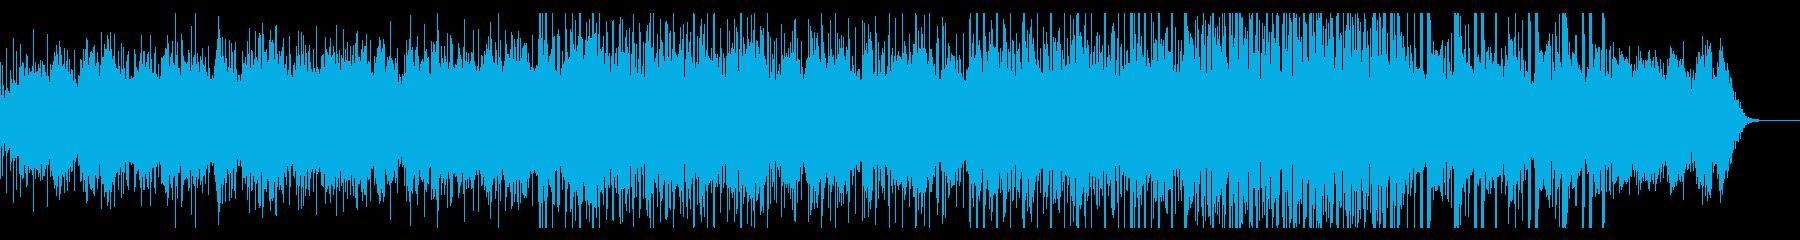 明るめのグリッジギターアンビエントの再生済みの波形